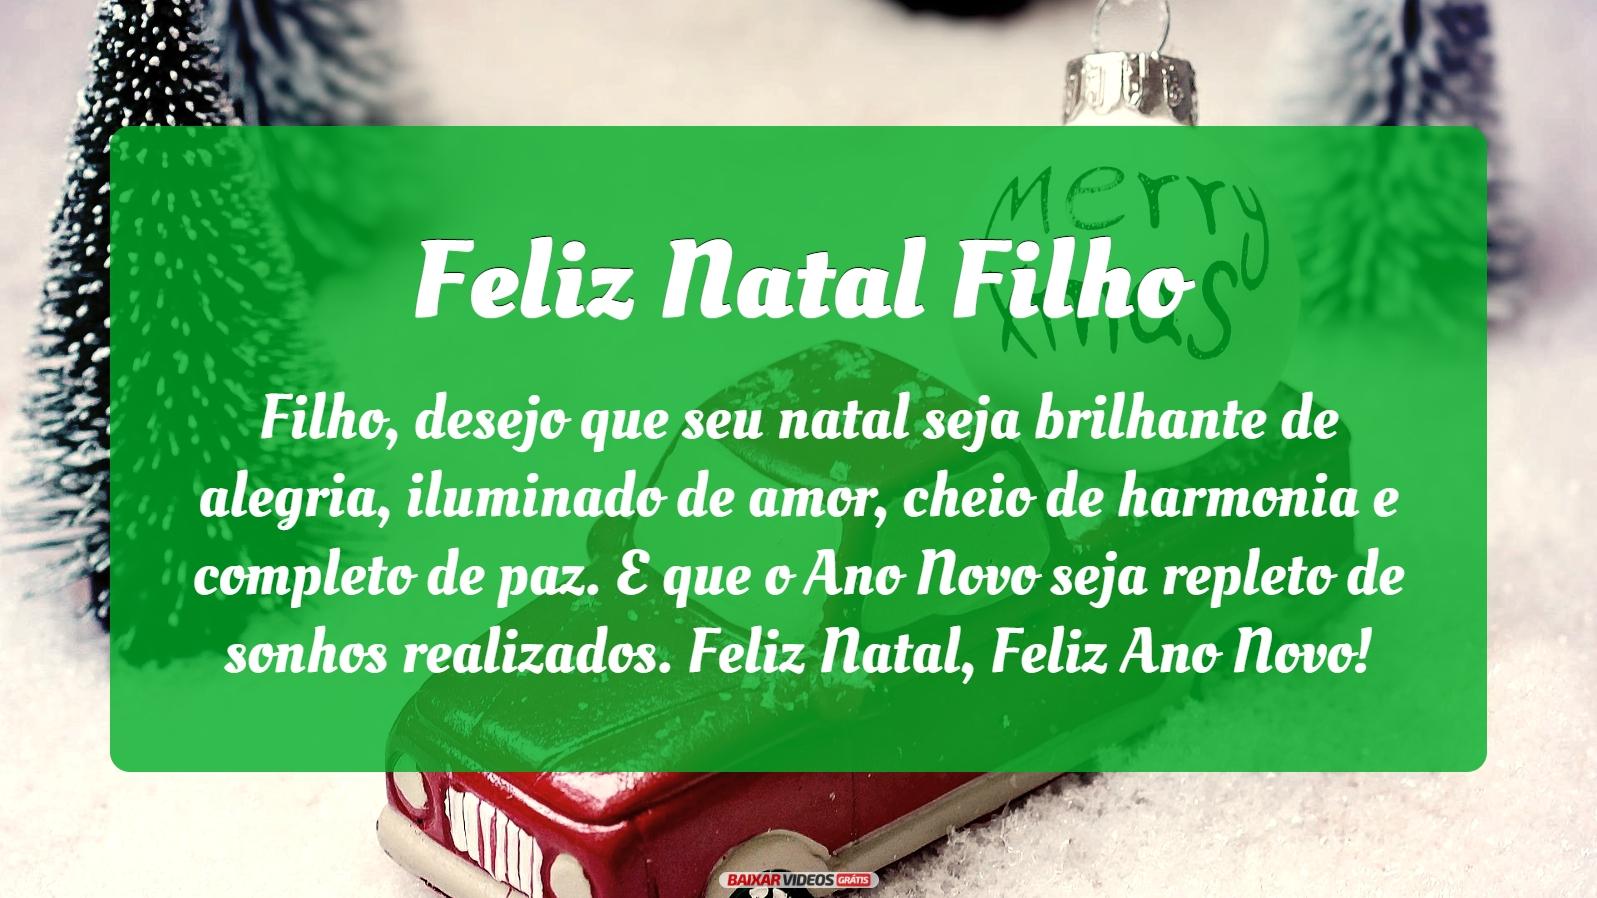 Filho, desejo que seu natal seja brilhante de alegria, iluminado de amor, cheio de harmonia e completo de paz. E que o Ano Novo seja repleto de sonhos realizados. Feliz Natal, Feliz Ano Novo!